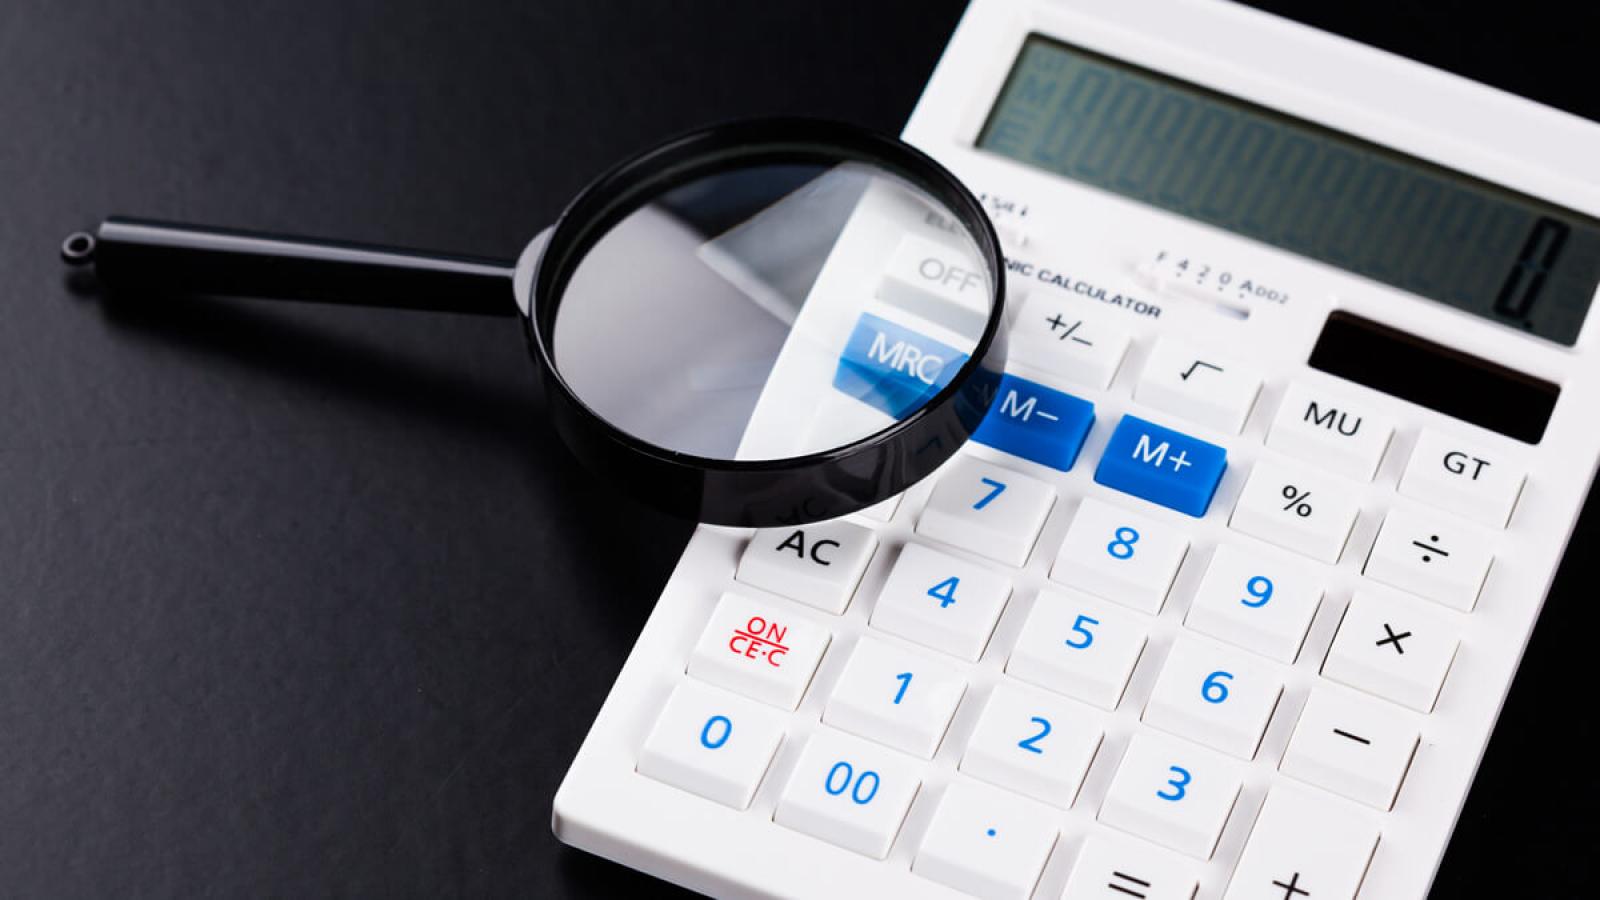 WebDFe - É possível reduzir a carga tributária nas empresas